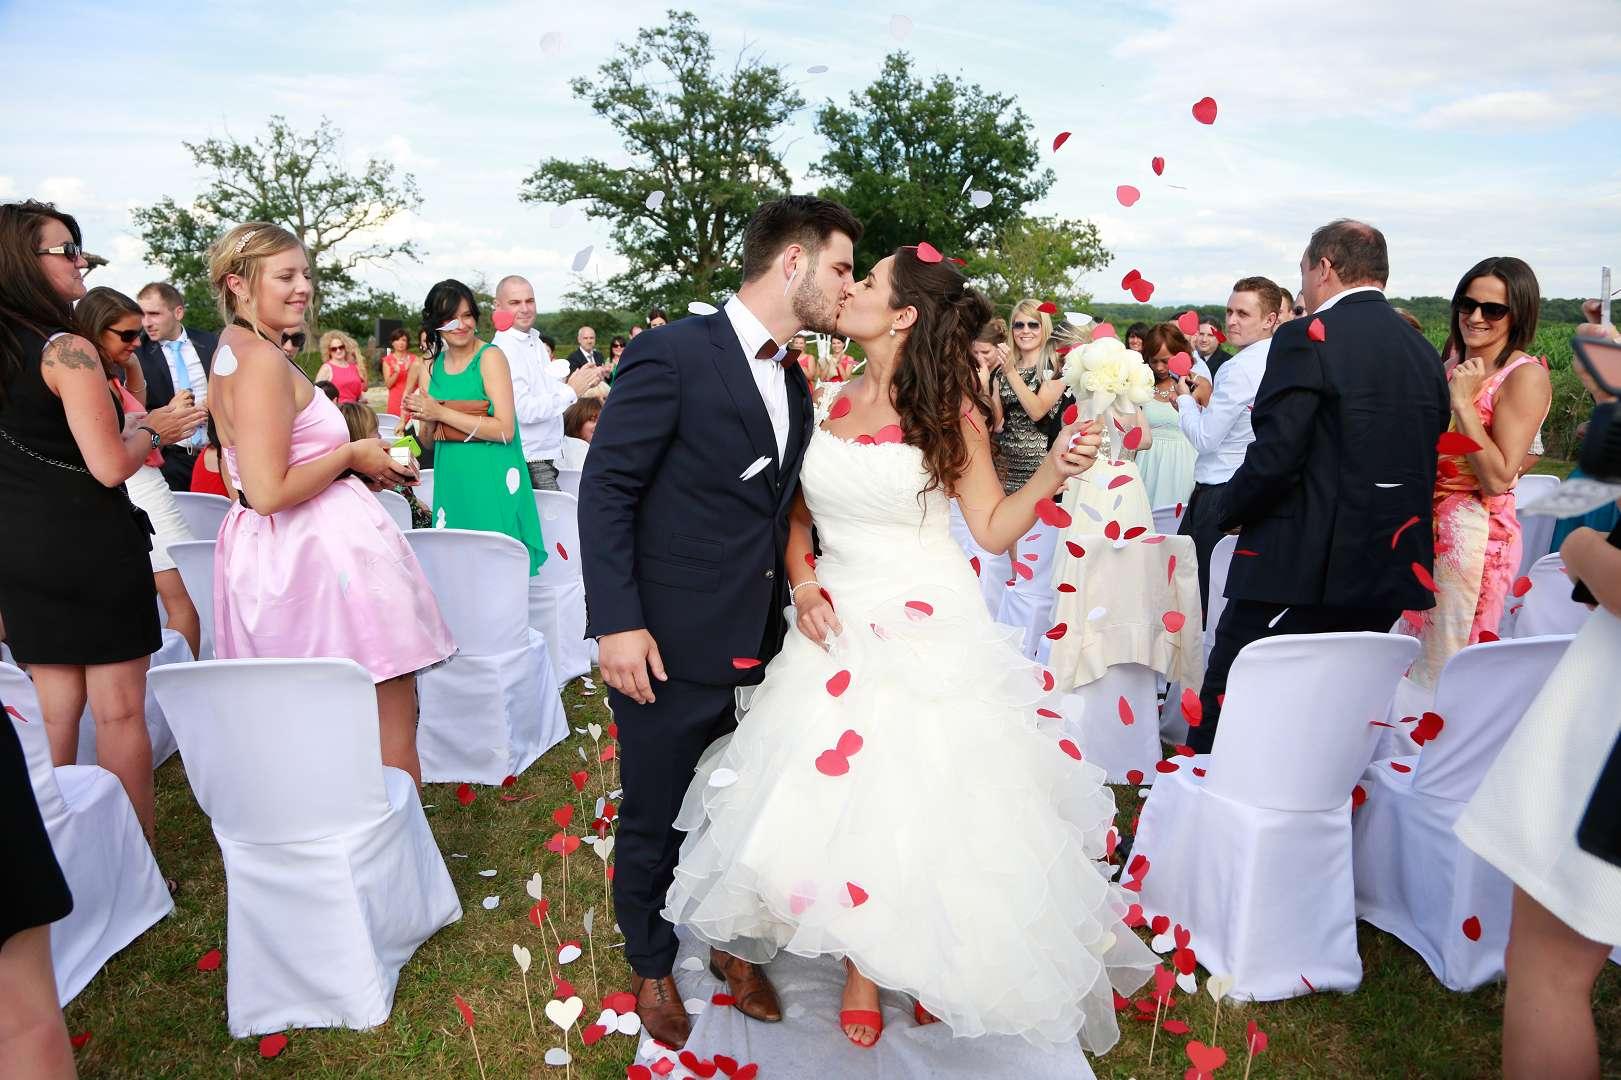 Le mariage d'Émilie avec une cérémonie laïque, beaucoup d'amis et des surprises en pagaille !